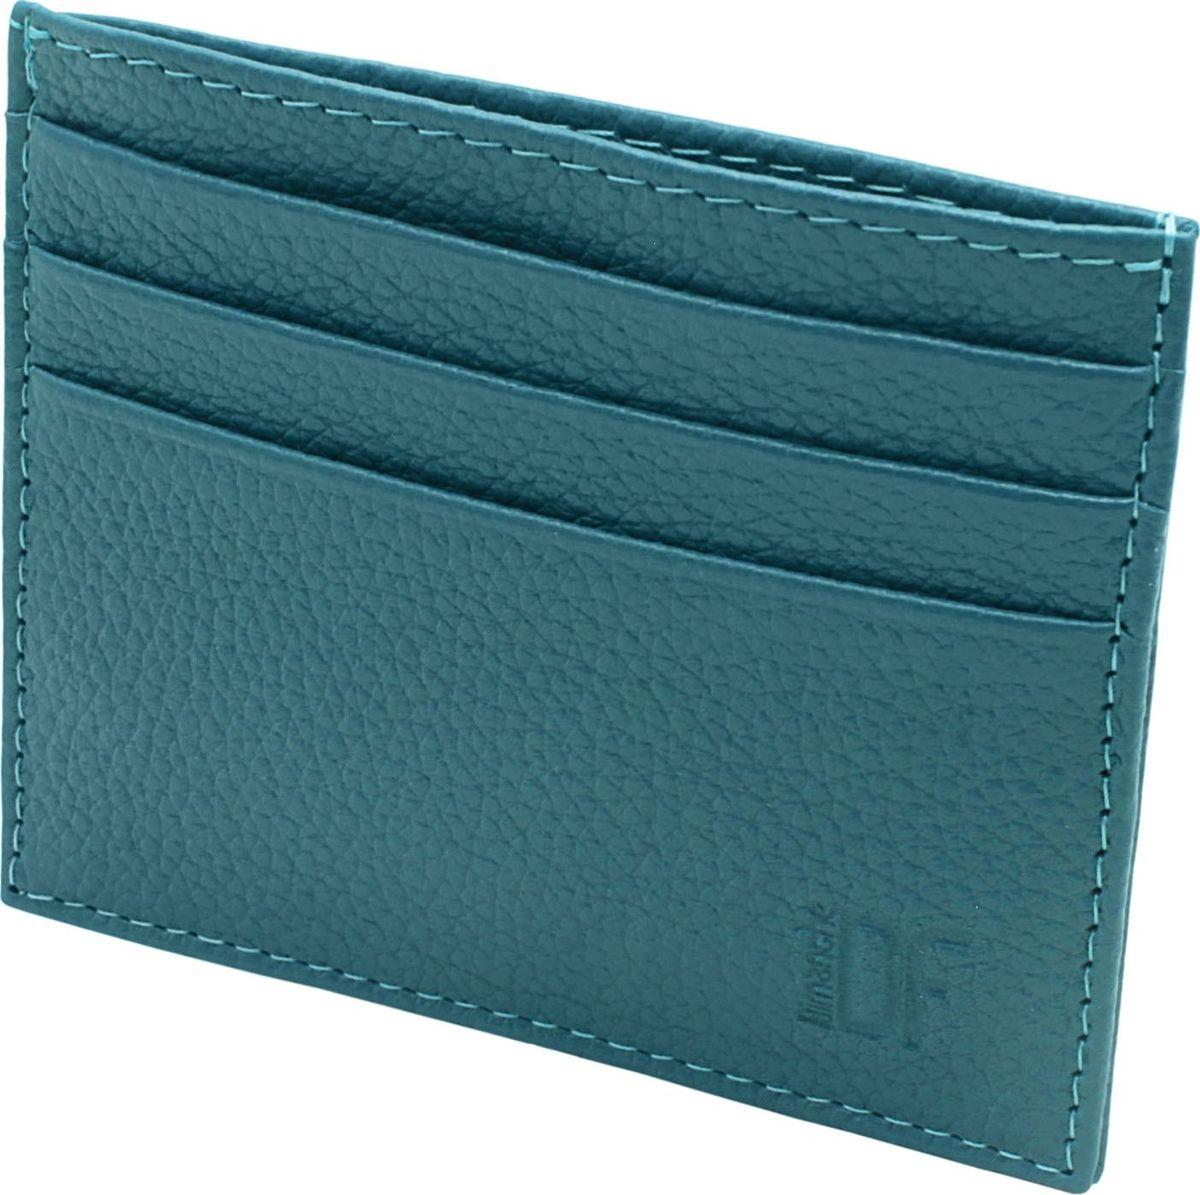 Футляр для визиток женский Dimanche, цвет: темная лазурь. 256/28256/28_темная лазурьМиниатюрный футляр для хранения визитных или кредитных кар. С каждой стороны имеется по 3 кармашка и посередине потайной карман.